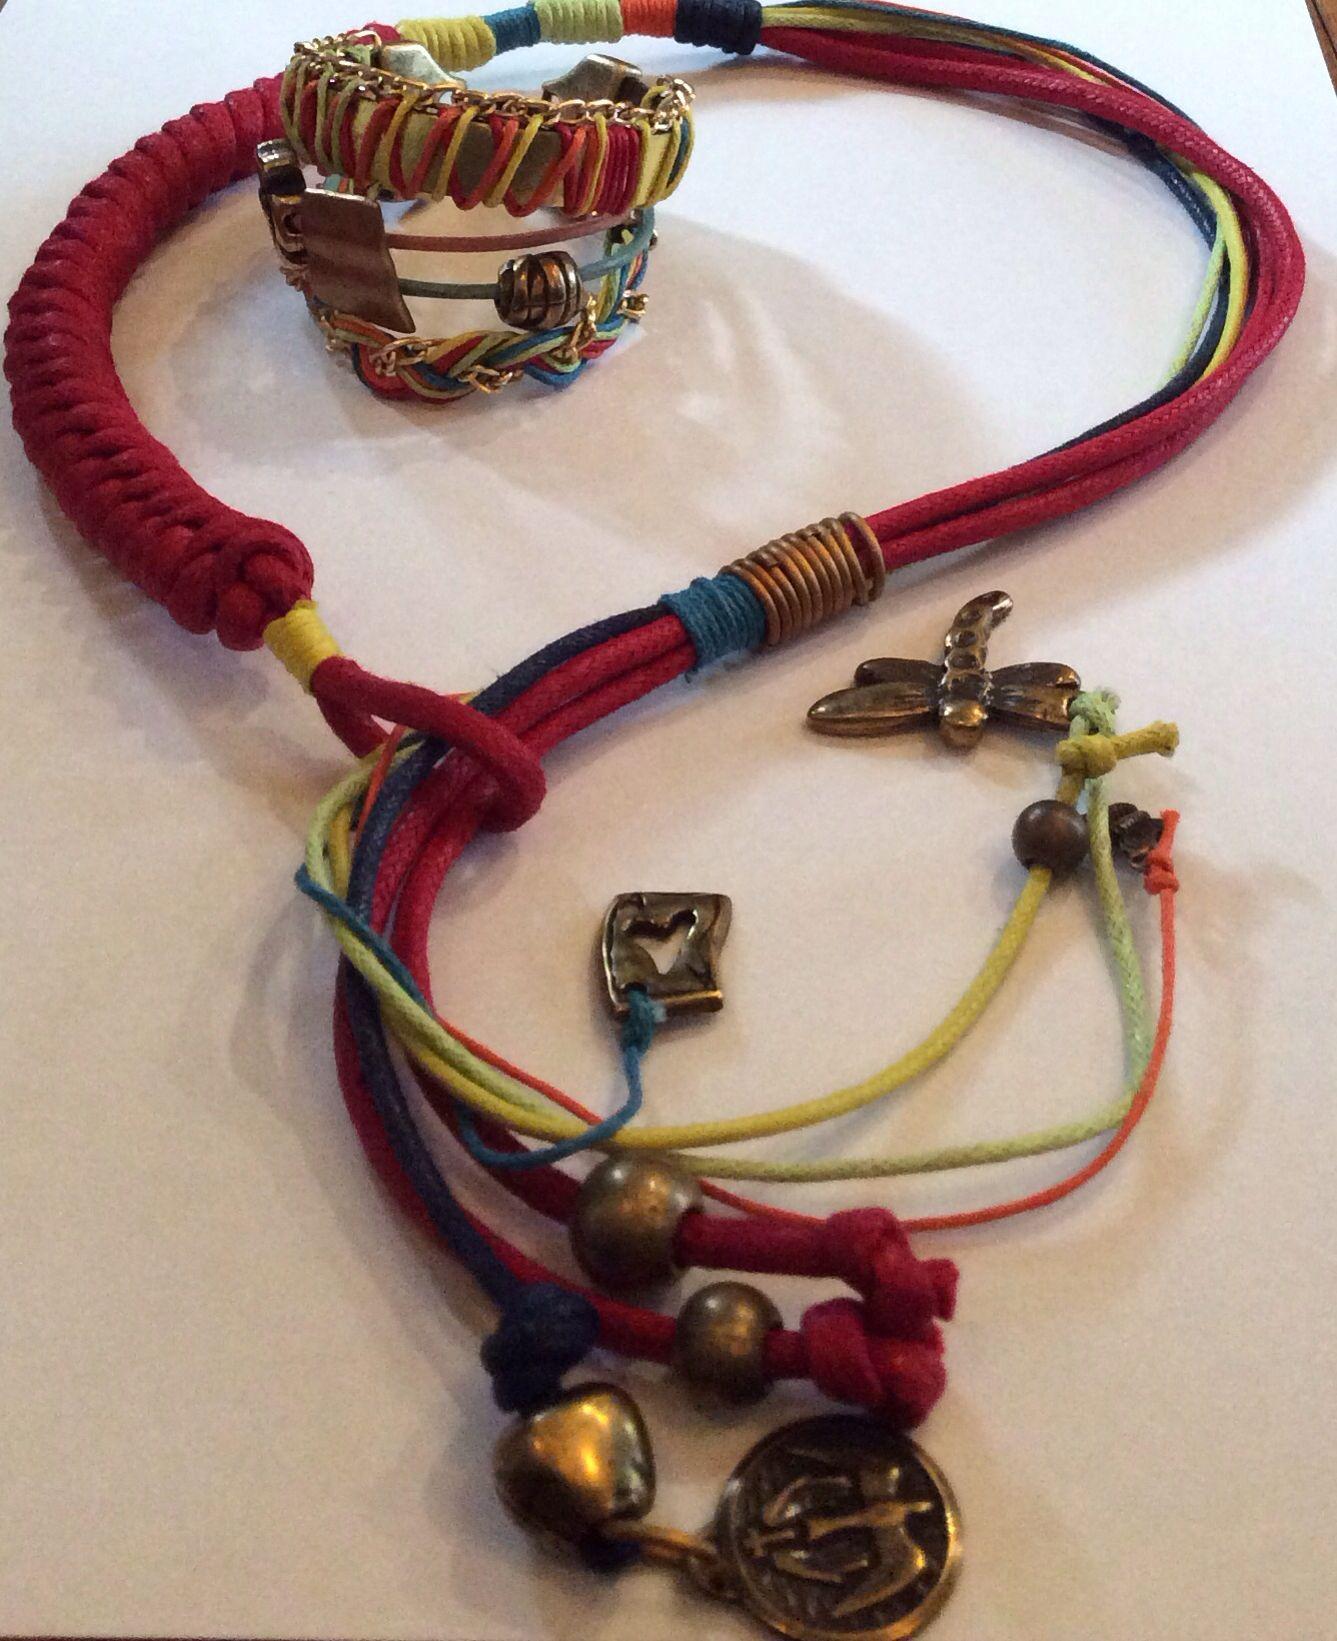 Collar con nudo de serpiente combinado con nudo franciscano pulsera con cuero plano bordado y - Collares de cuero ...